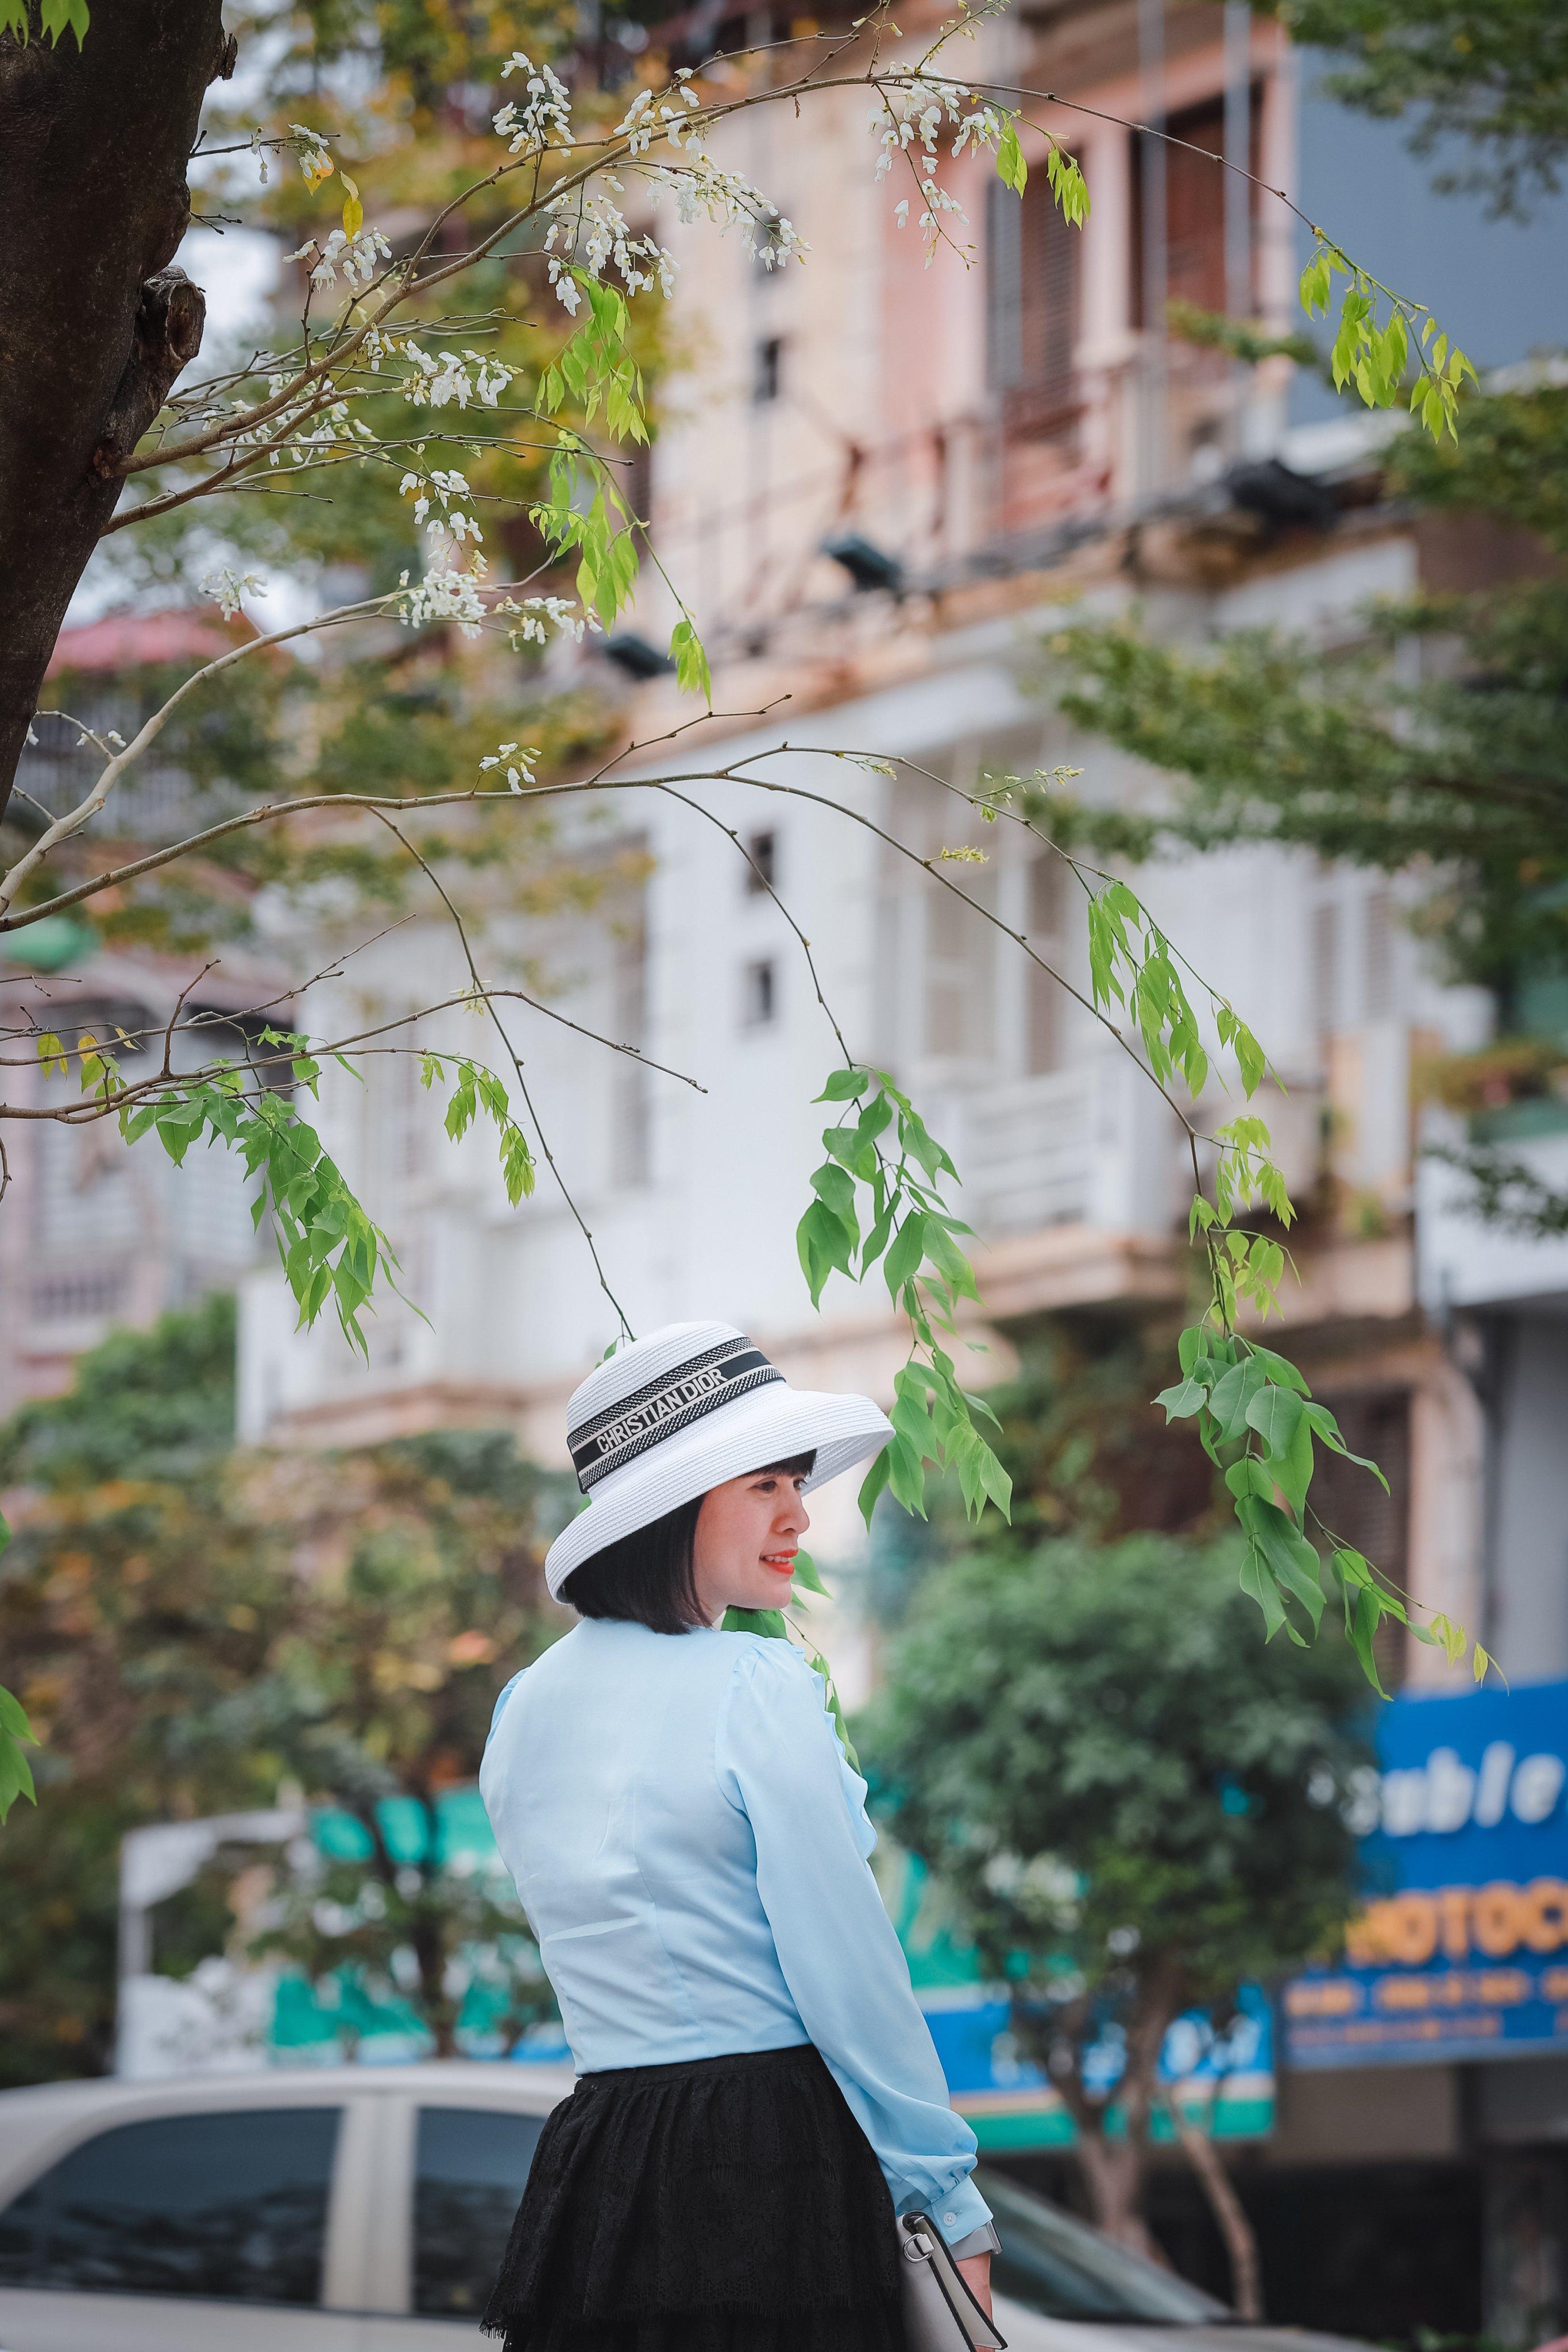 Vẻ đẹp tinh khiết của hoa Sưa khiến không ít người dân Thủ đô, khách du lịch thích thú. Mùa hoa sưa đã trở thành điểm nhấn để mọi người chụp ảnh, lưu lại những khoảnh khắc đẹp của Hà Nội. Ảnh: Phạm Anh.